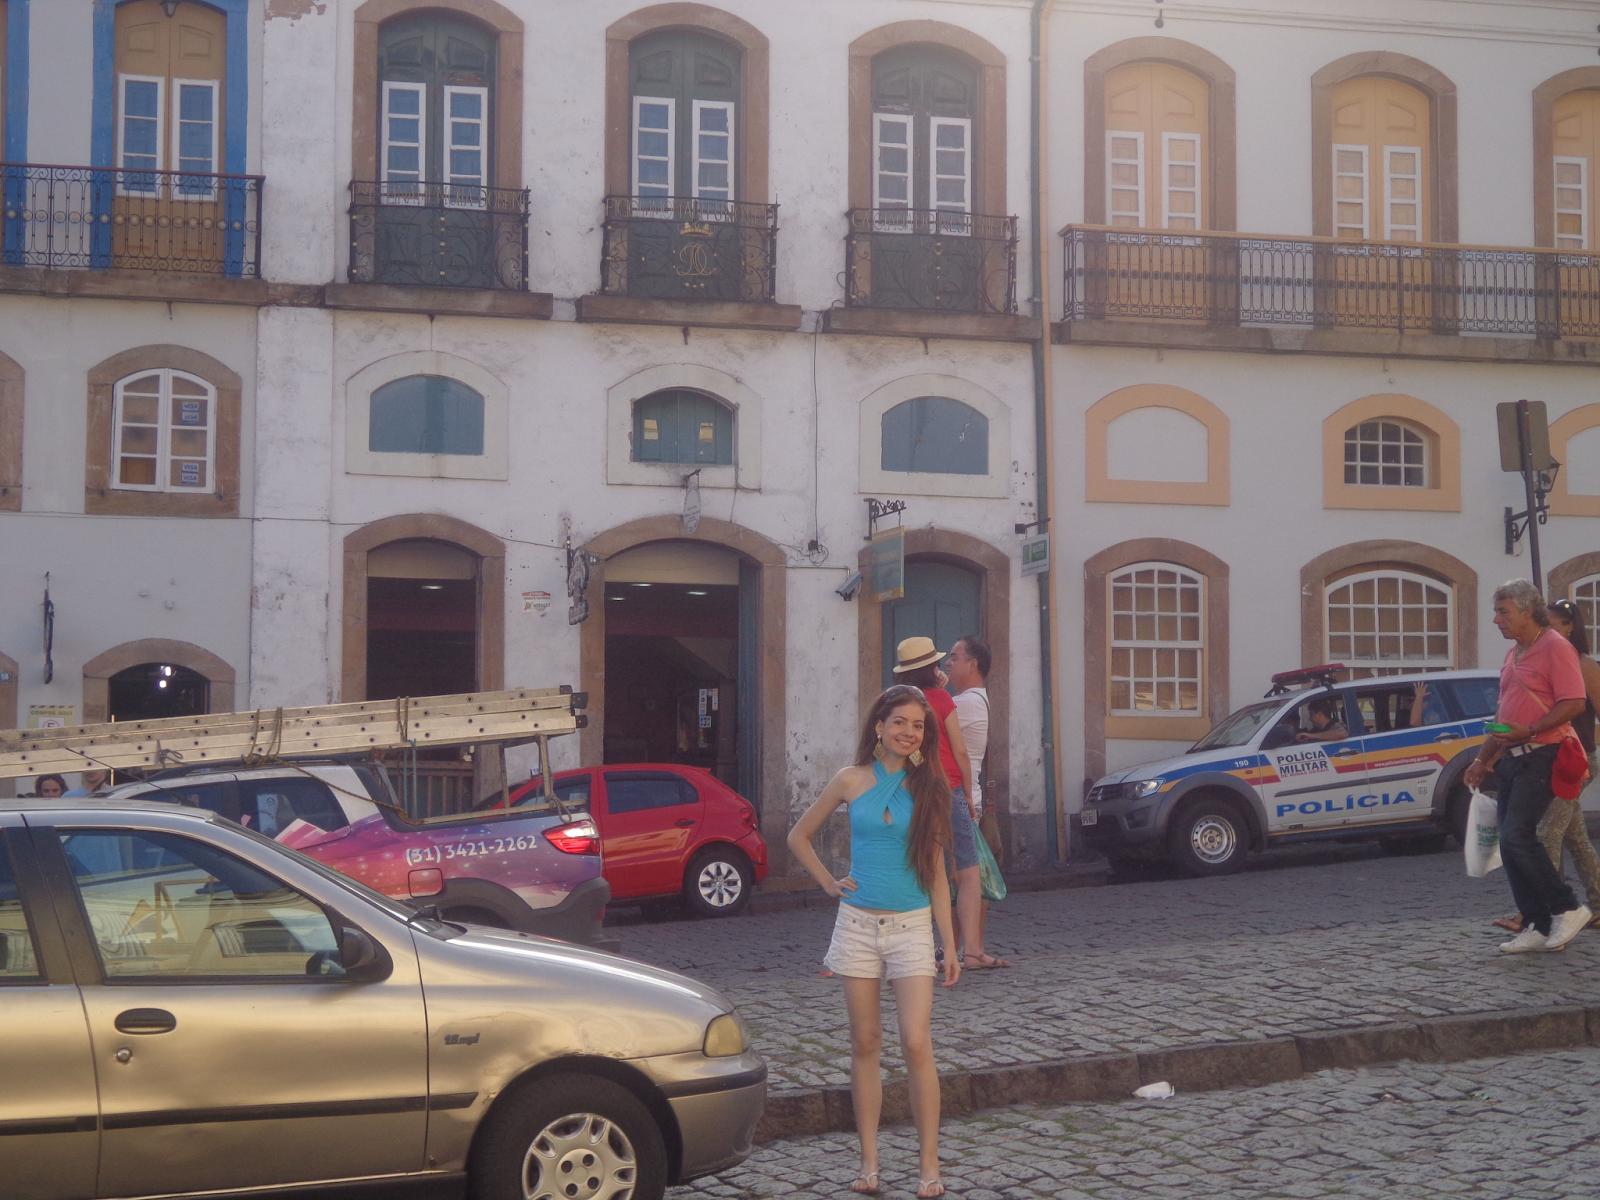 Ouro Preto - Minas Gerais. #ouropreto #minasgerais #viagem #brazil #vidadeblogueira #cidadehistorica #love #cool #fantastic #revheimdicas